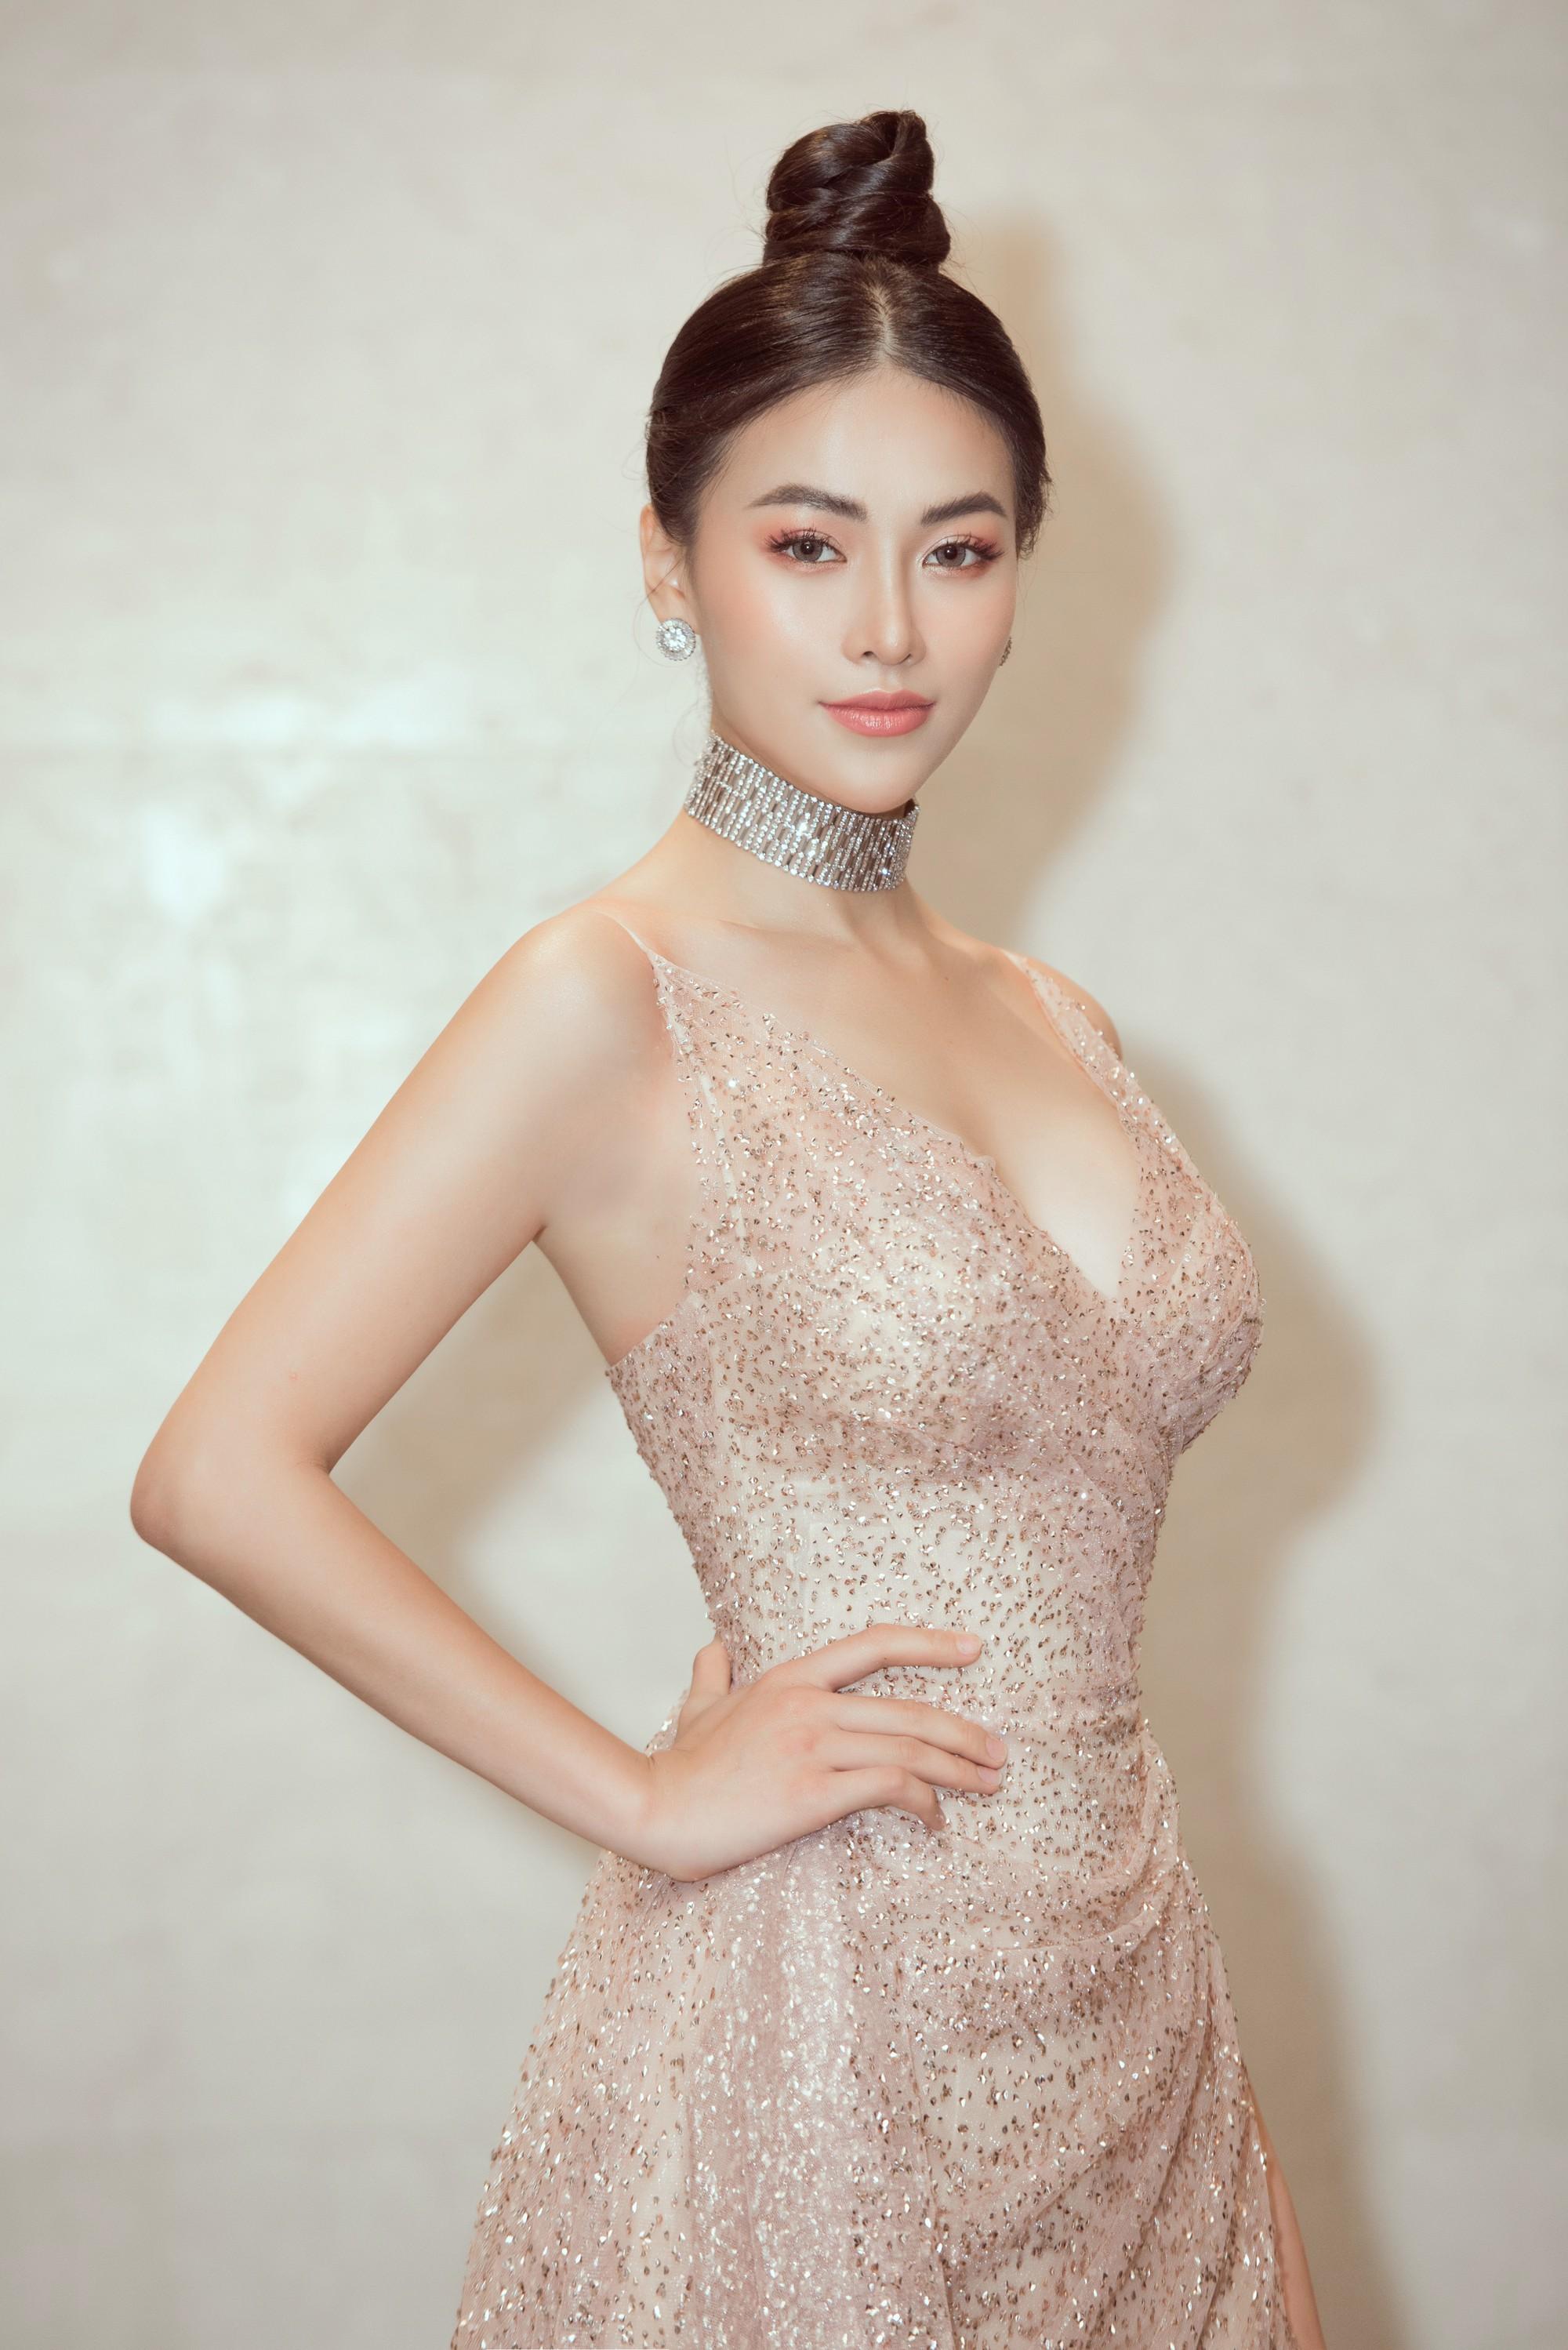 Hoa hậu Phương Khánh giảm 10 kg để sở hữu vòng eo 54 cm - Ảnh 7.